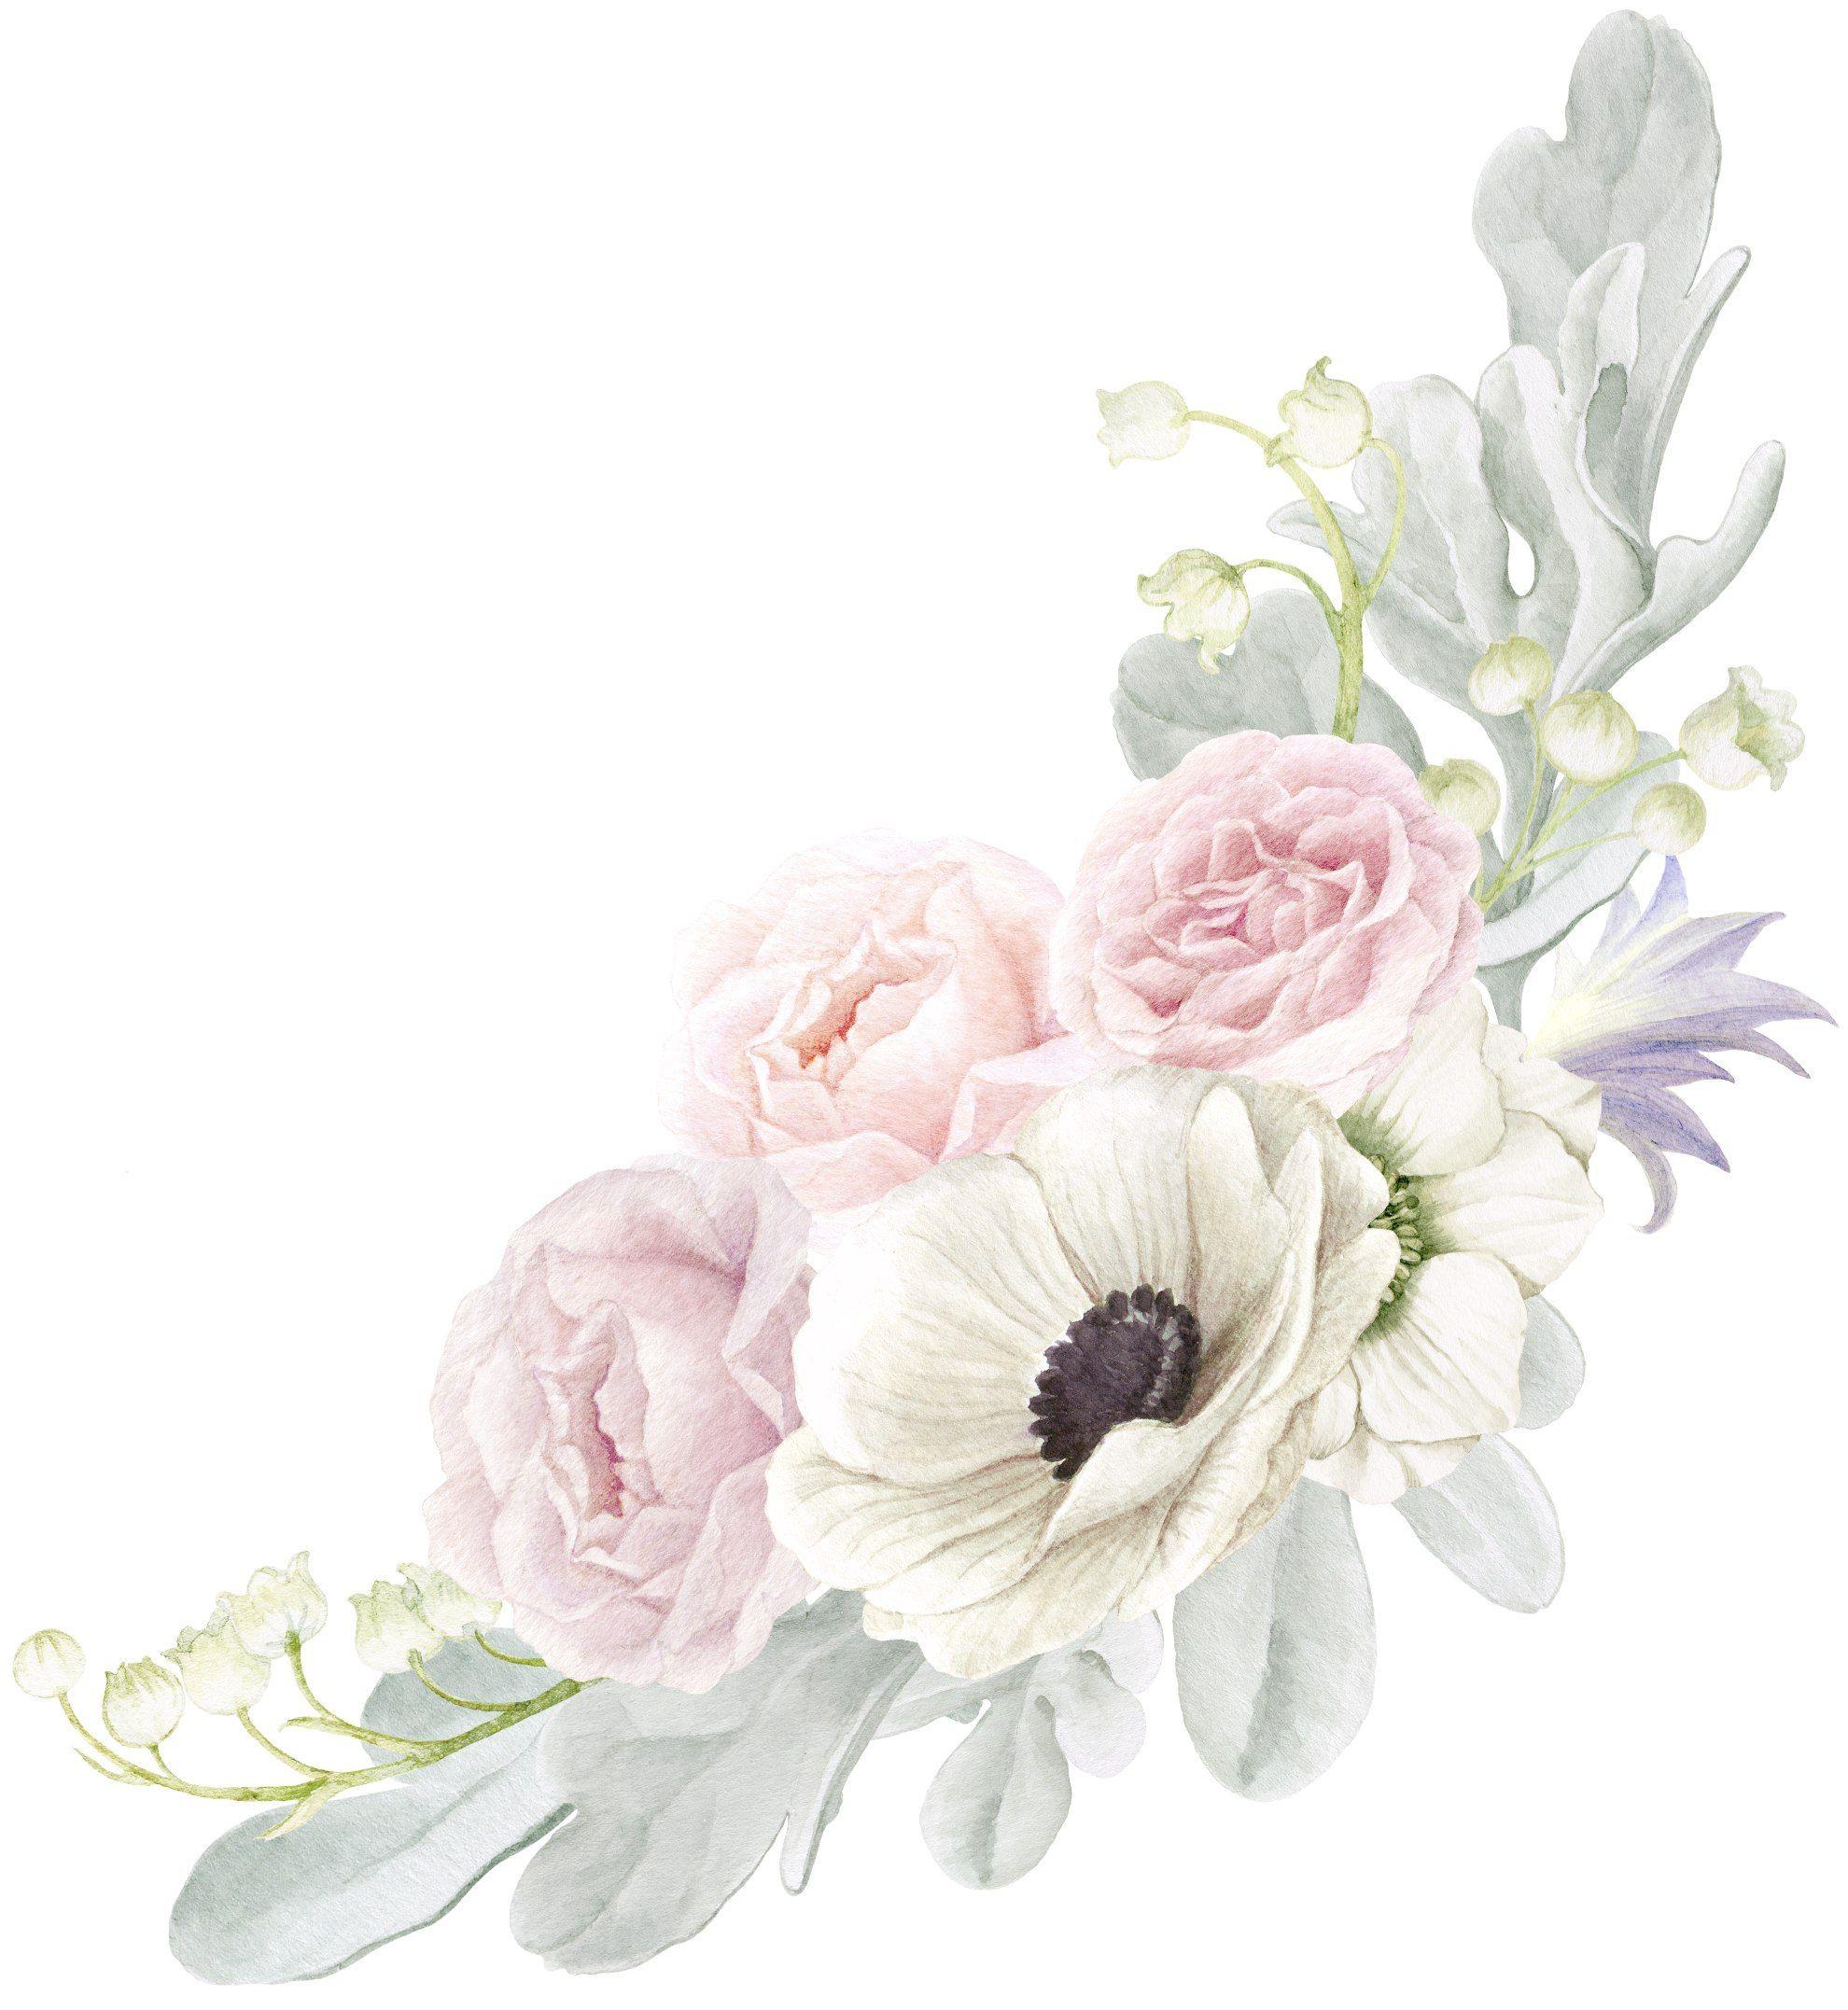 Открытка, акварельные картинки цветов для приглашений